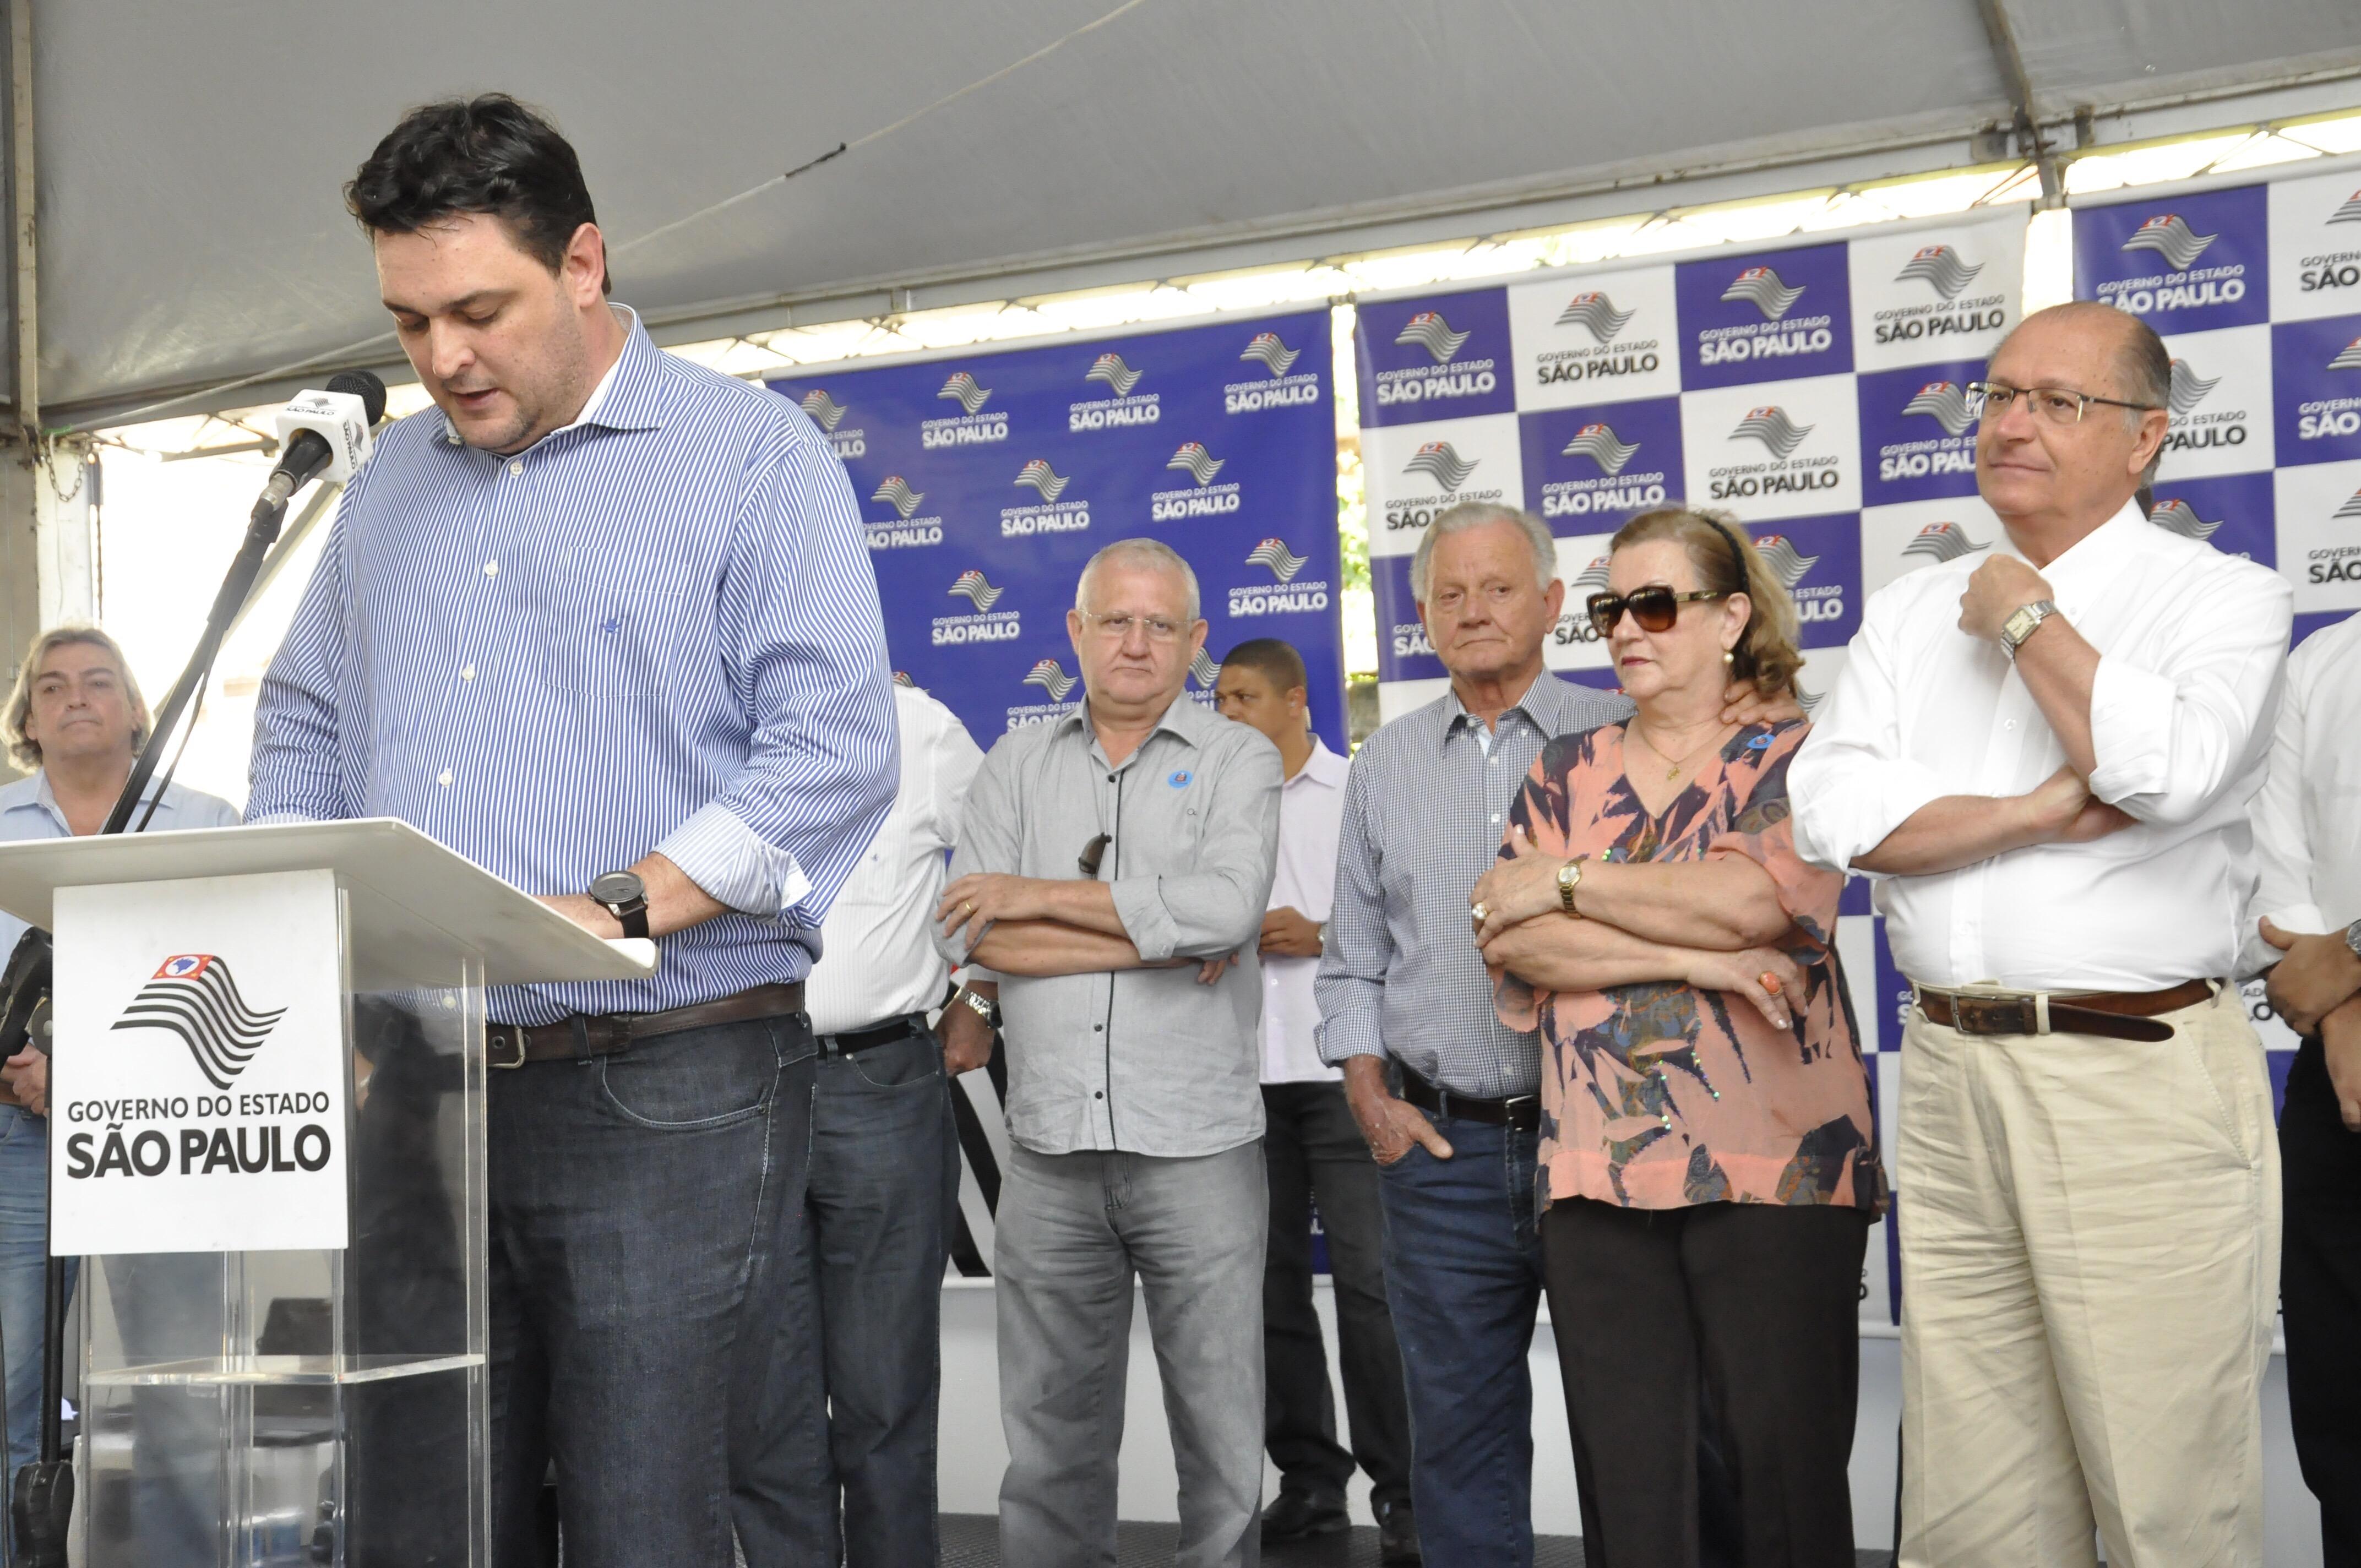 Prefeito de Olímpia discursa, observado por Alckmin